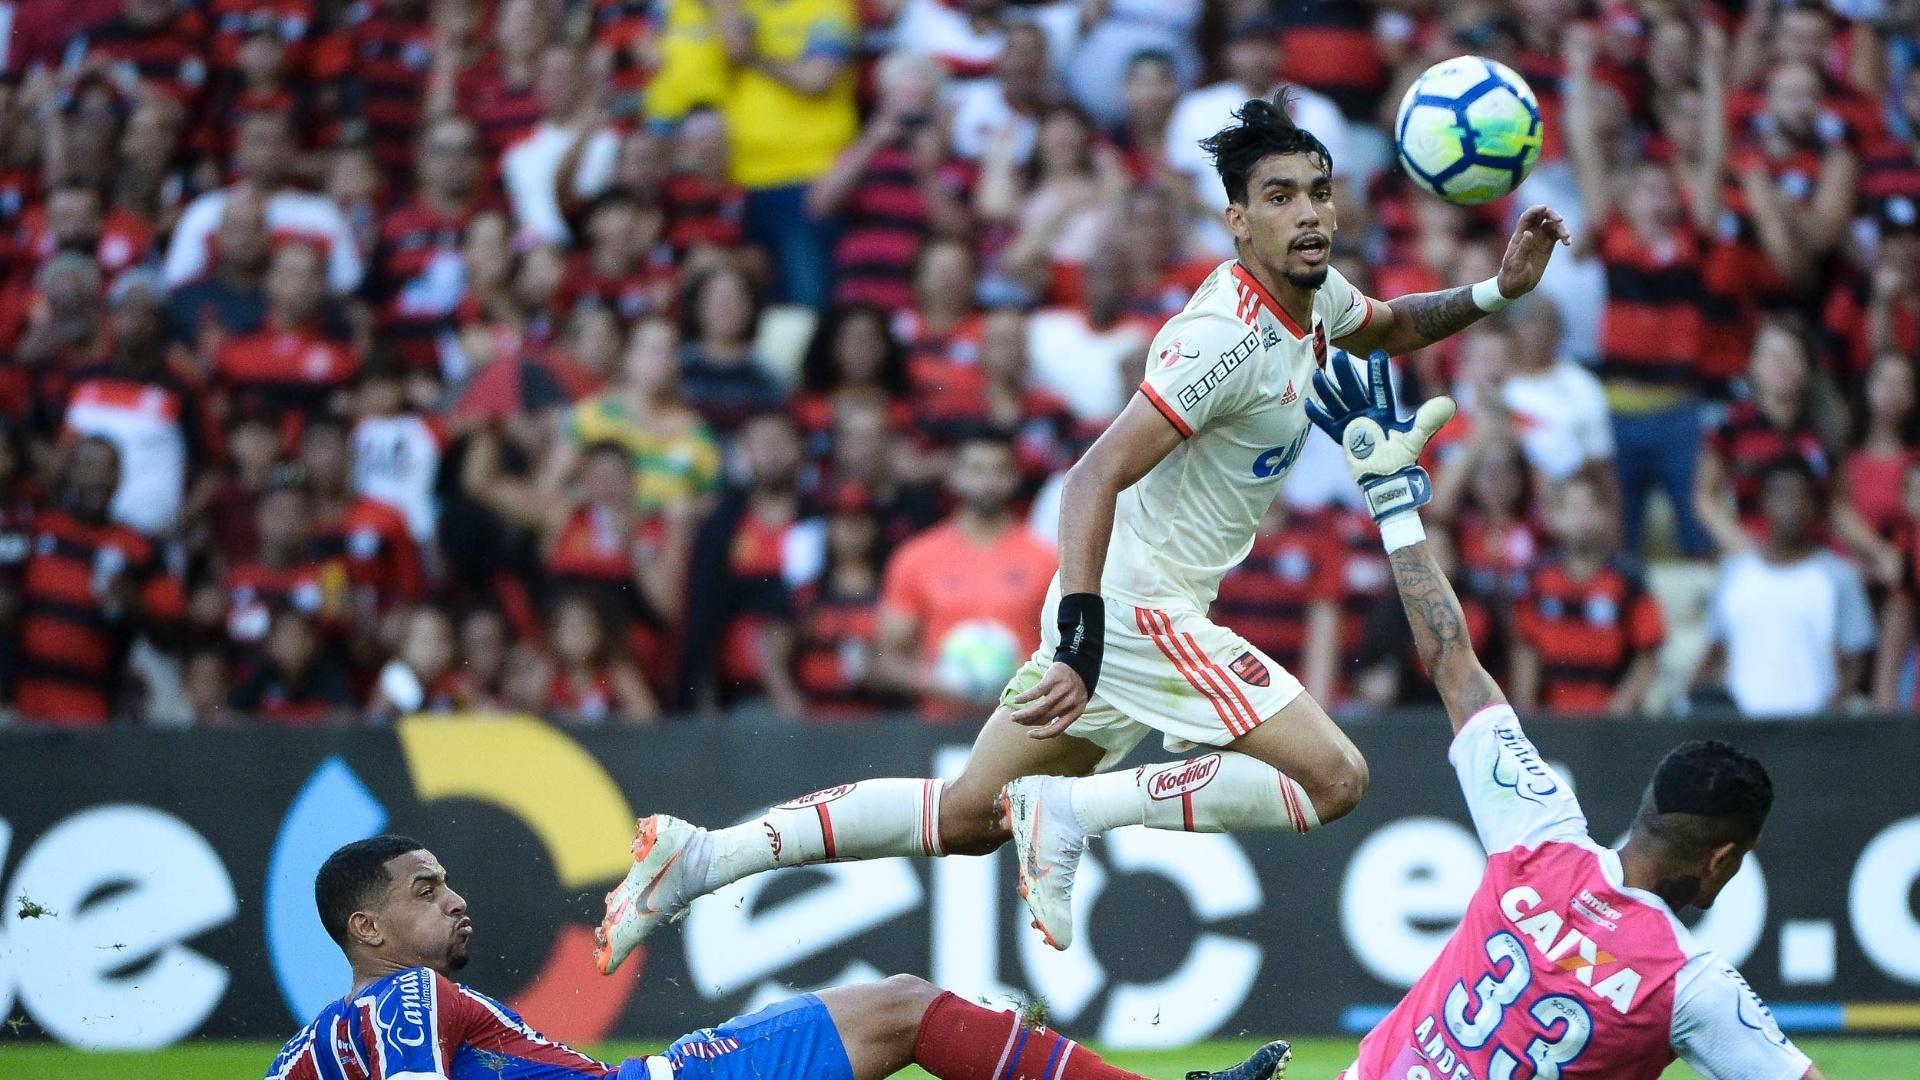 Lucas Paquetá encobre goleiro Anderson, do Bahia, e faz o segundo gol do Flamengo